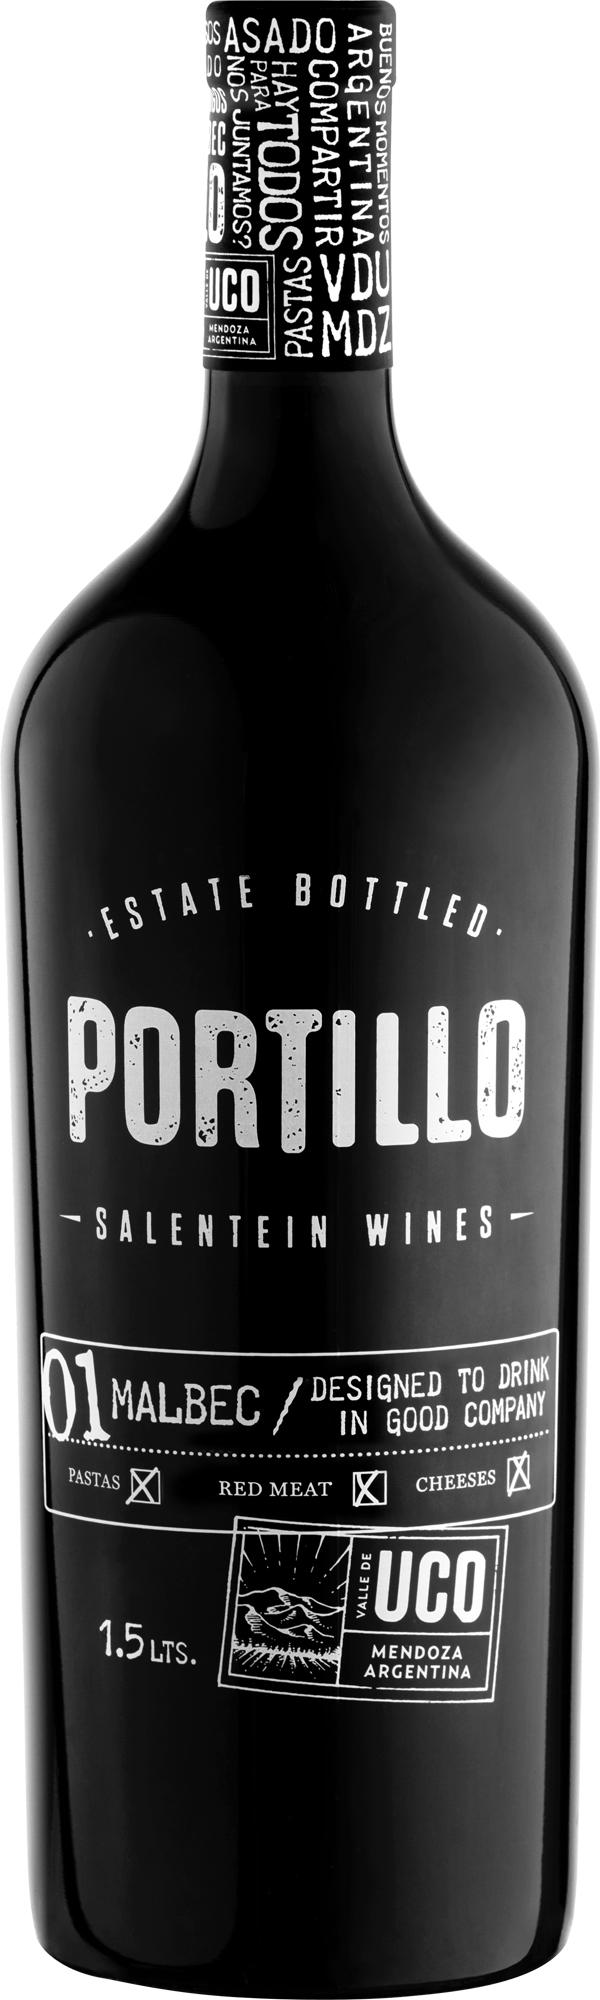 5L 2018 - Rotwein - Bodega El Portillo